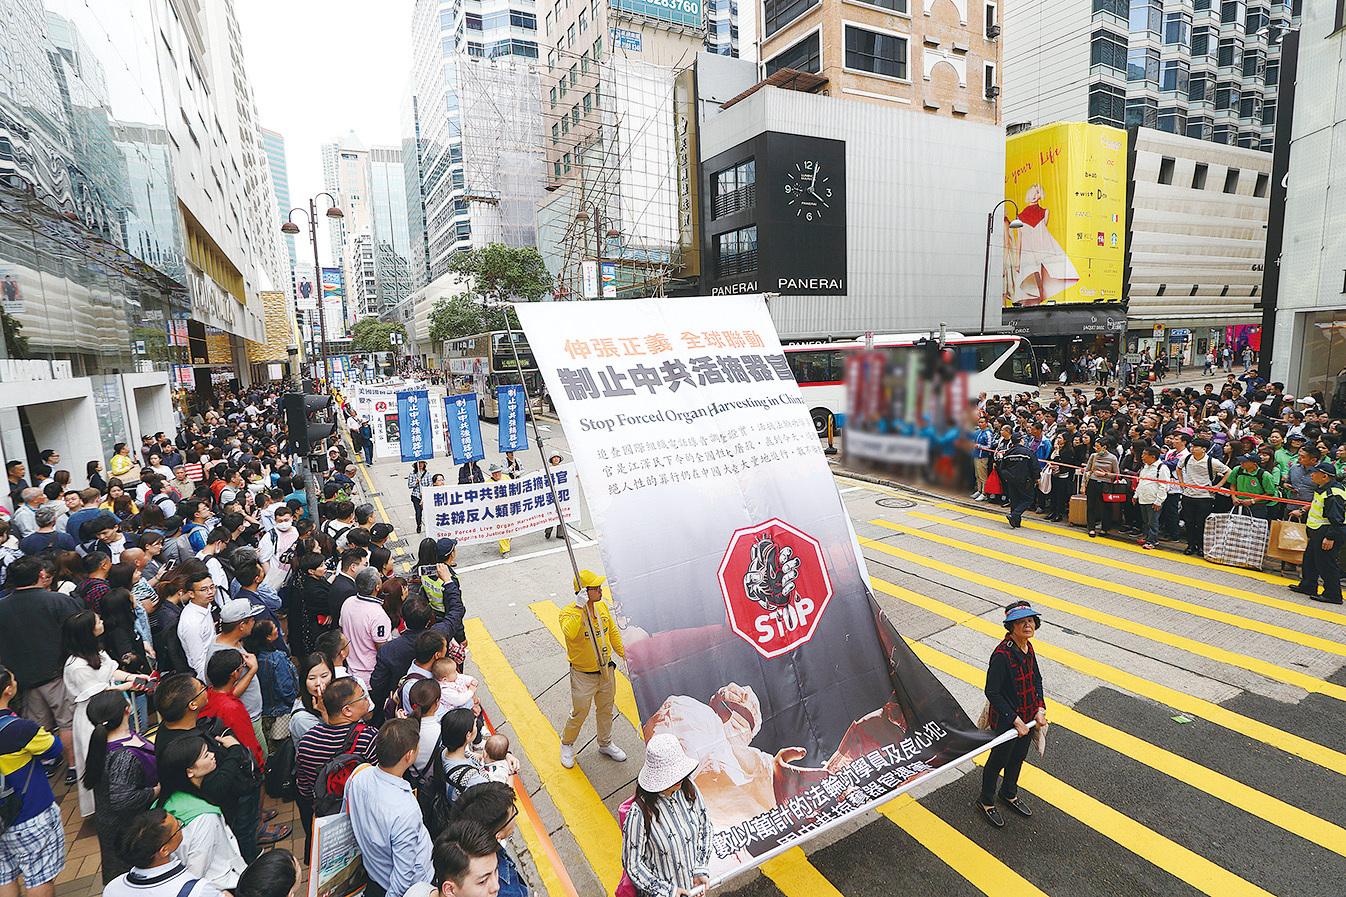 法輪功在香港的遊行,呼籲中共停止迫害法輪功學員,以及停止活摘法輪功和其他良心犯的器官牟利。(大紀元資料照片)